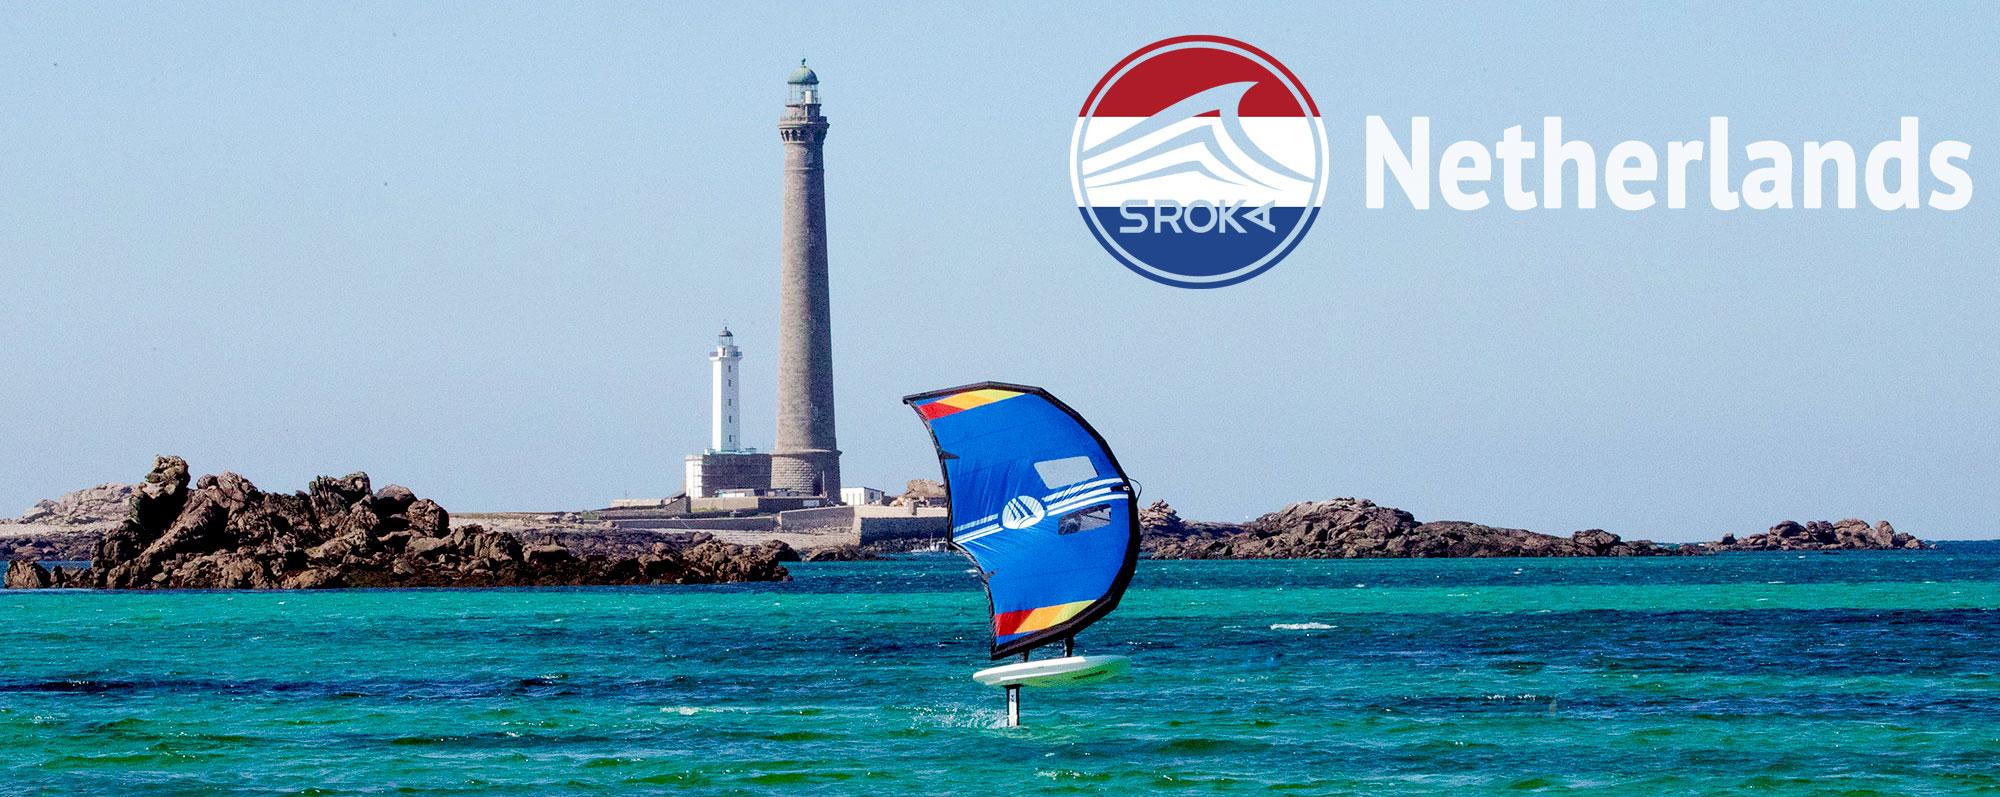 Kaufen Sie in den Niederlanden ein Wing Foil, ein Surf Foil, ein SUP Foil, ein Kite Foil, ein Wind Foil oder ein Stand-Up Paddle.